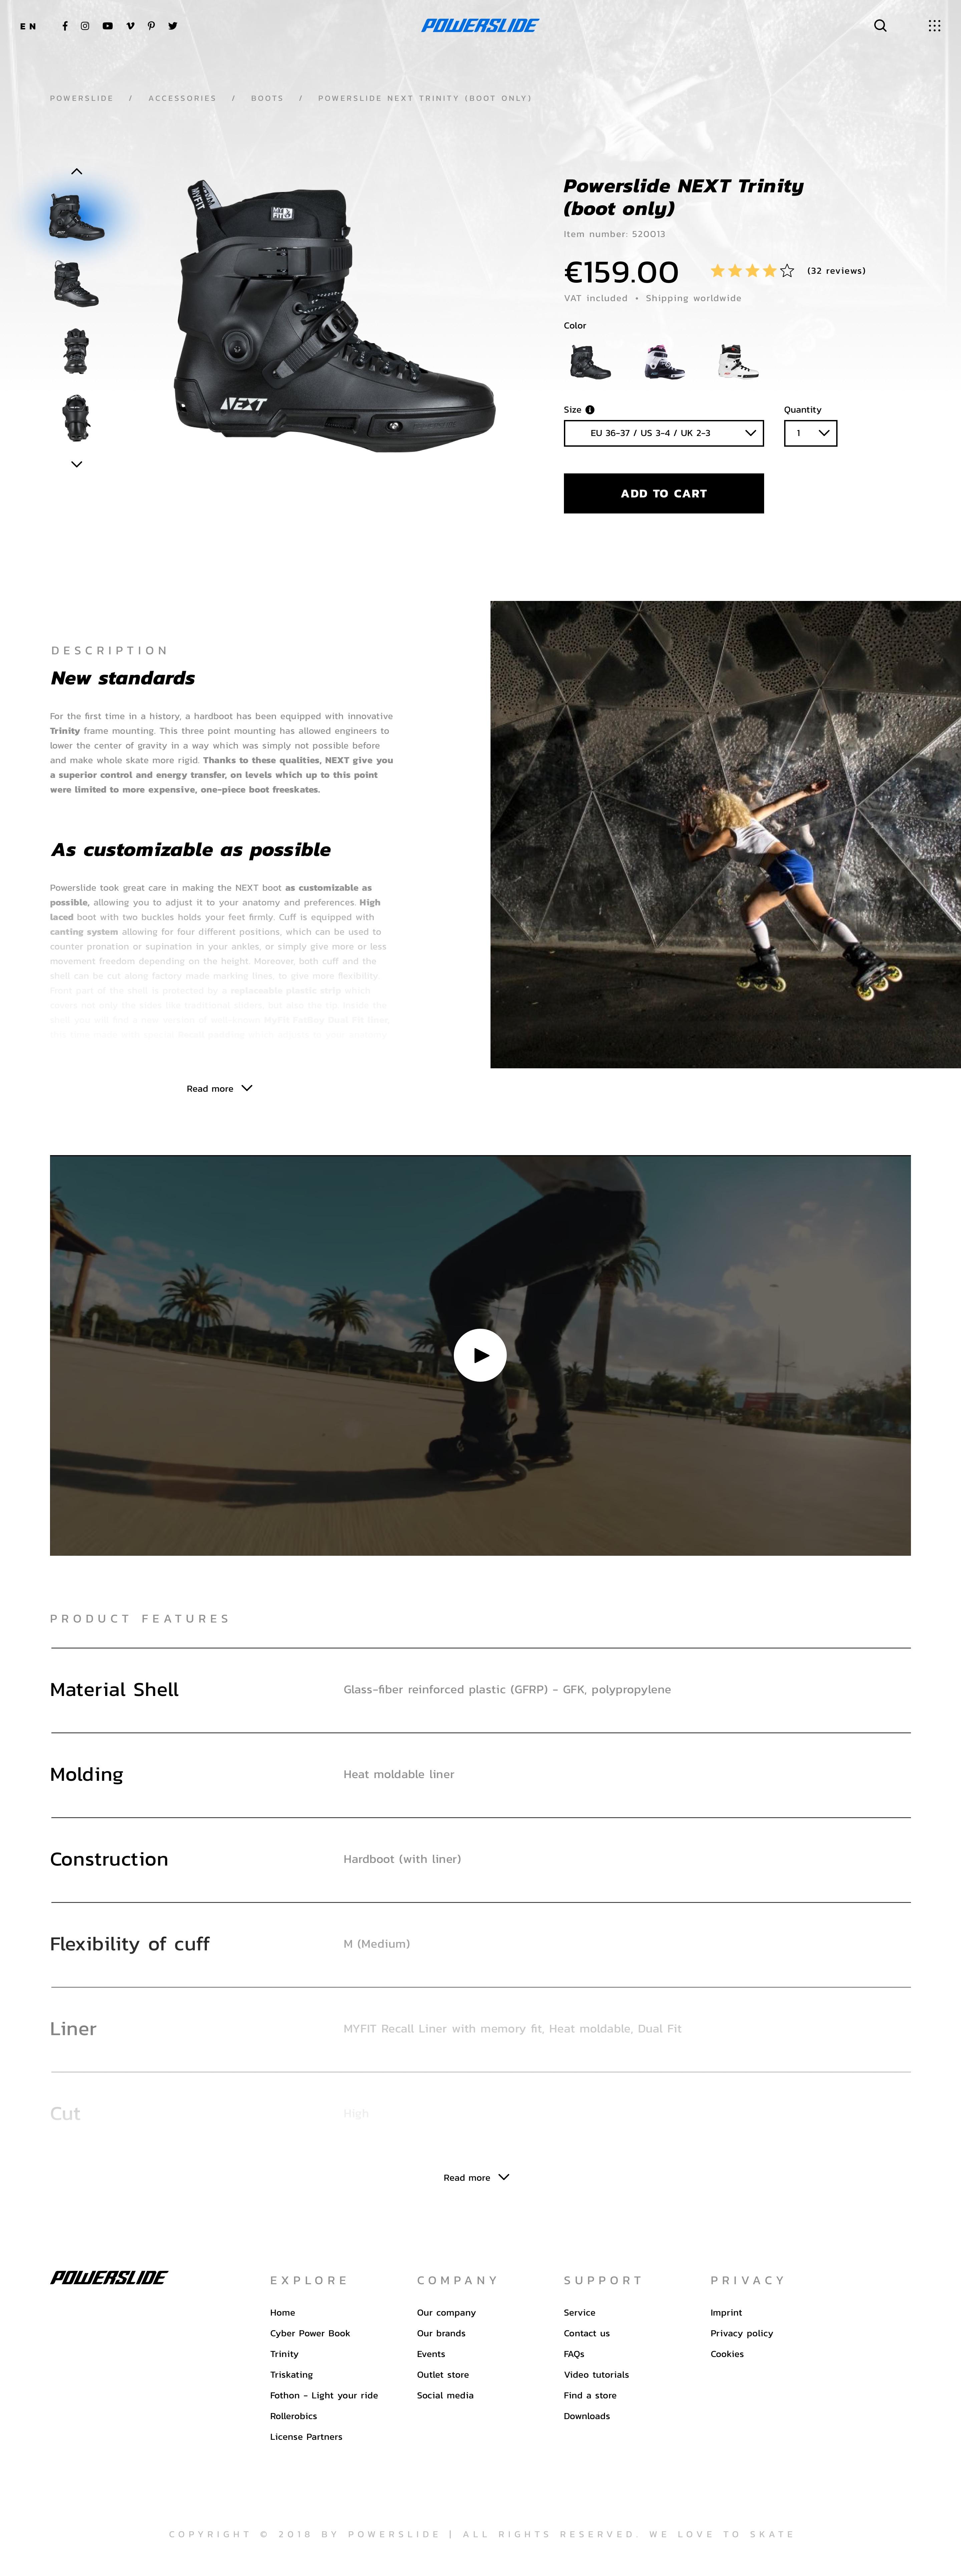 Powerslide concept product details light